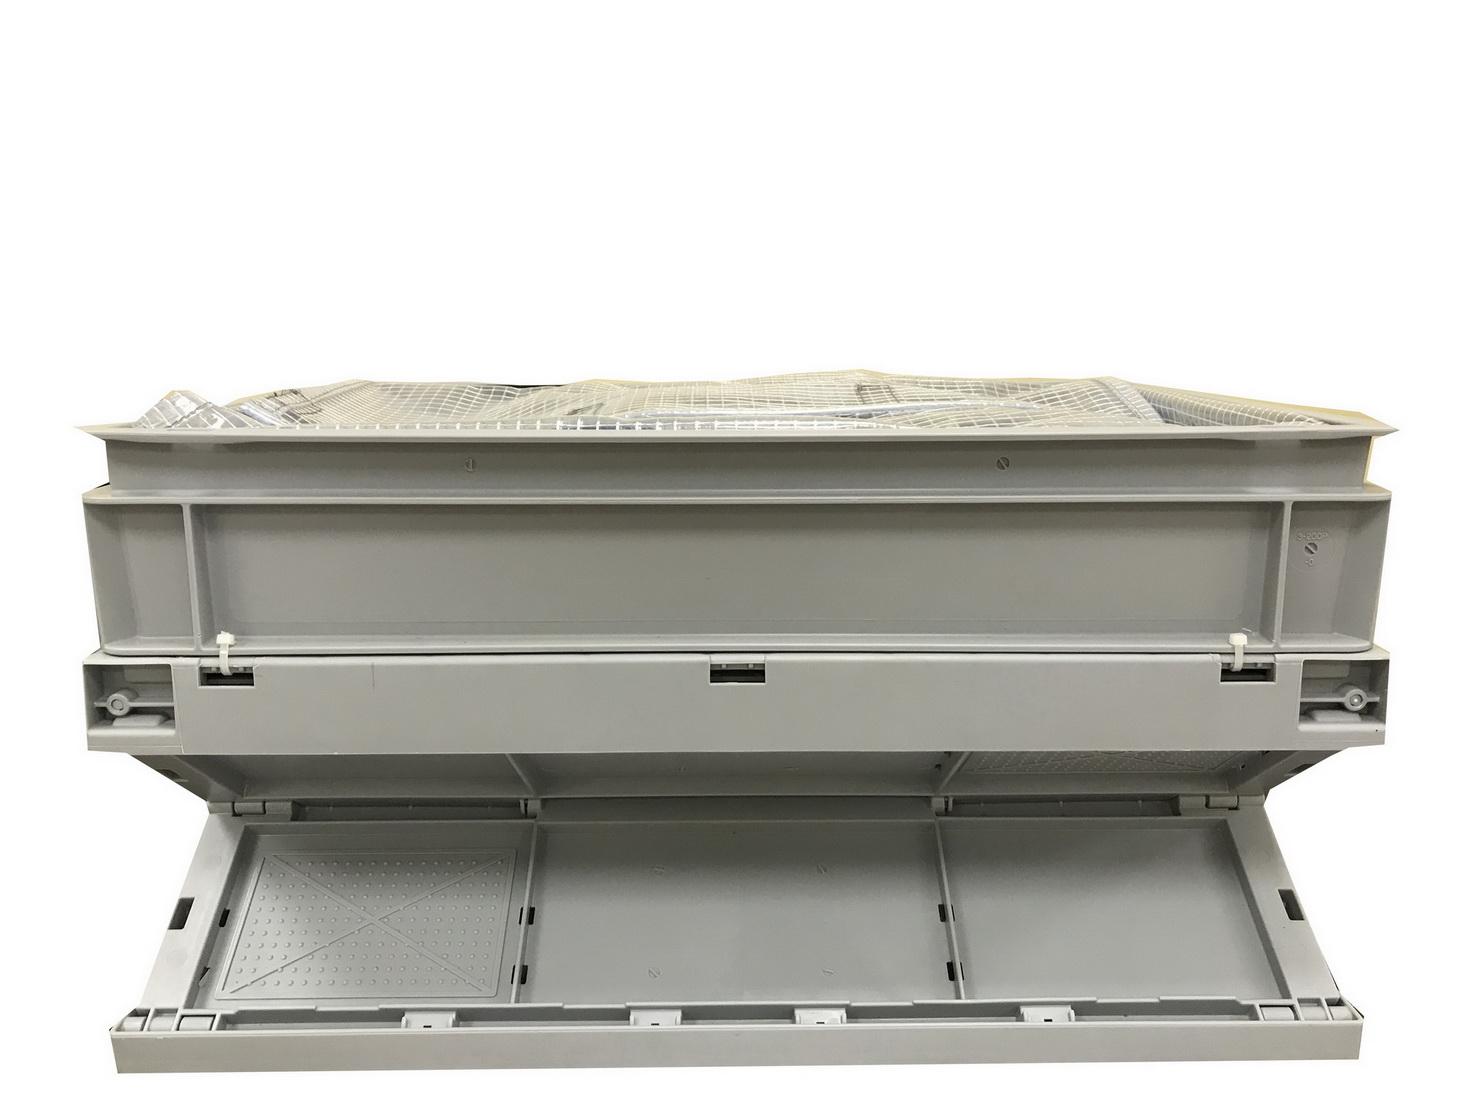 Pojemnik stalowy składany IGOPAK